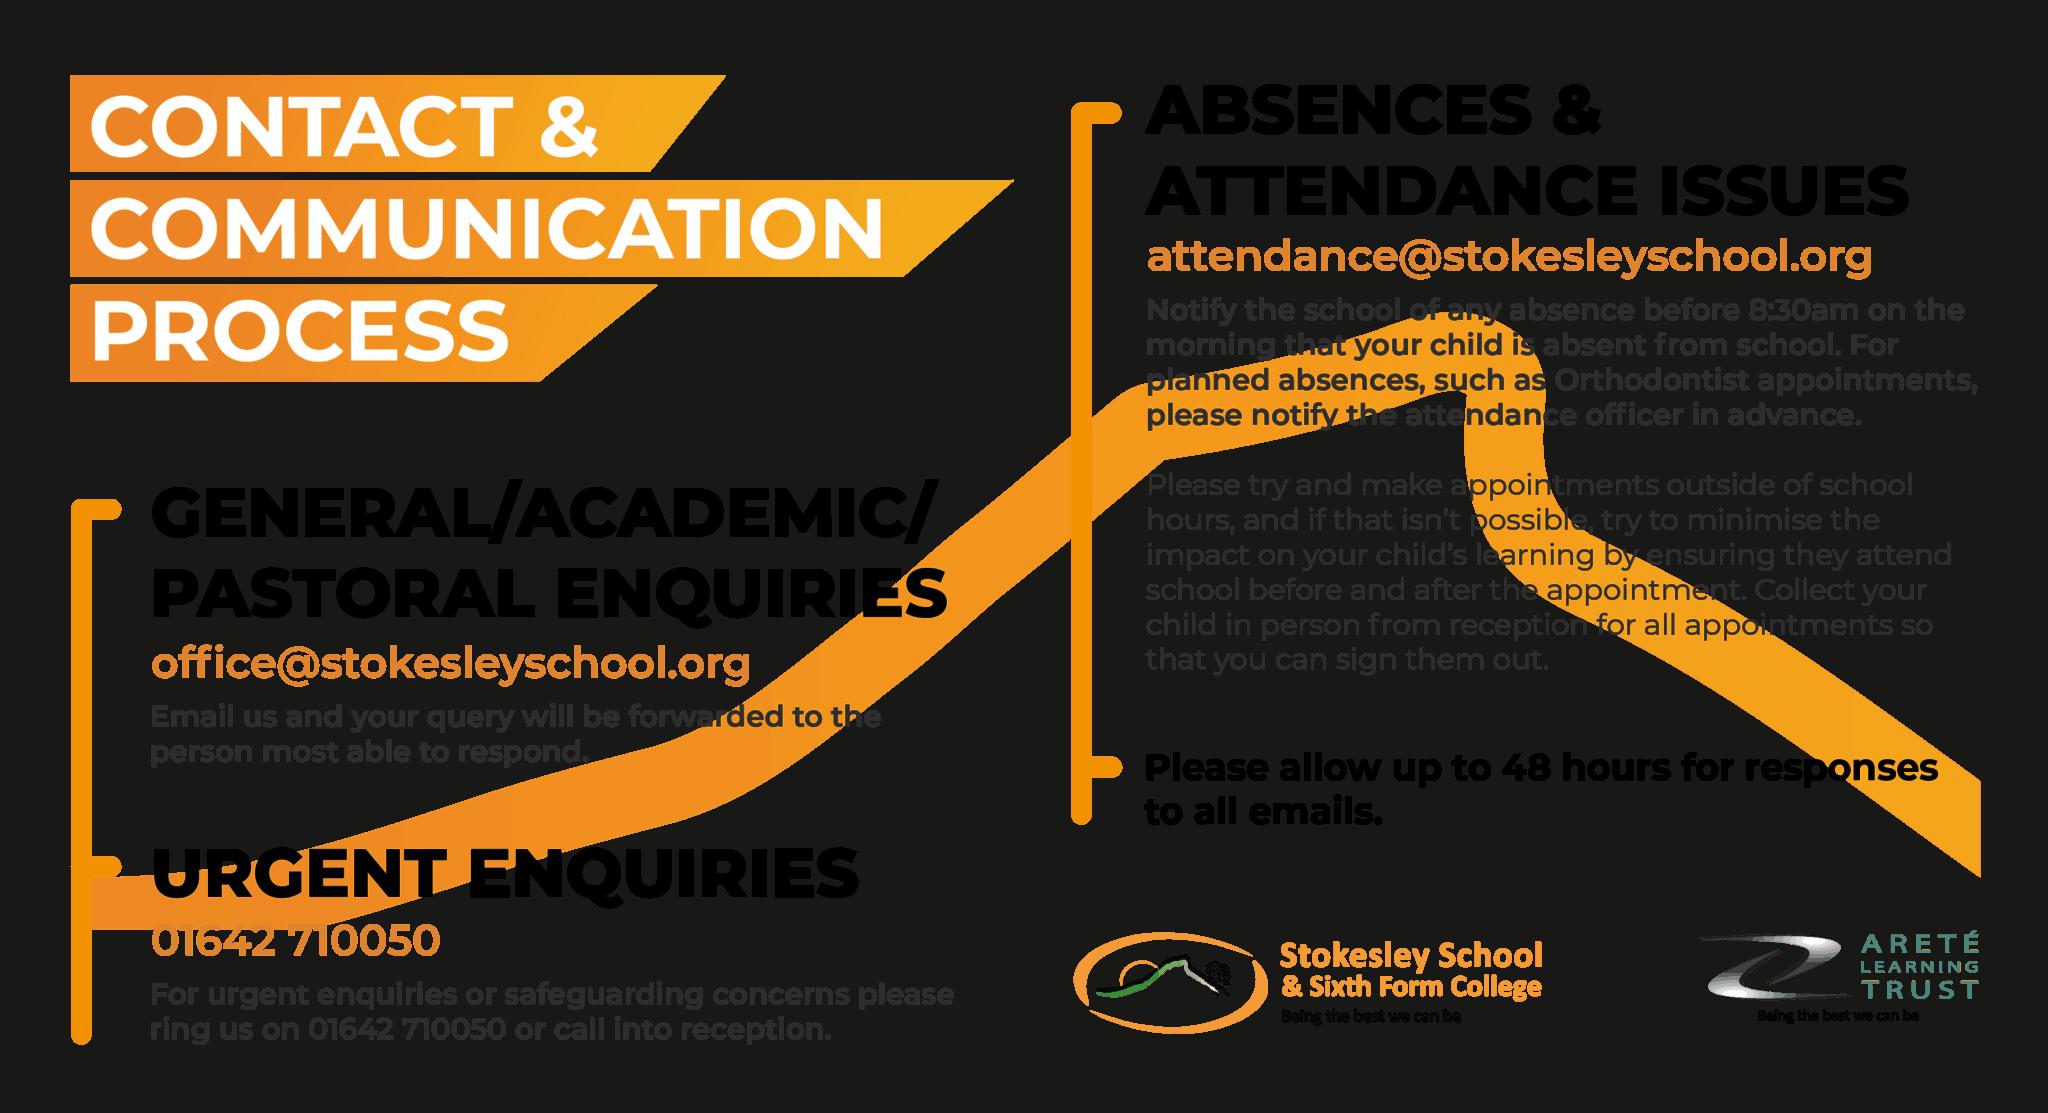 STK-Contact-Communcations-Process-Dec2020A